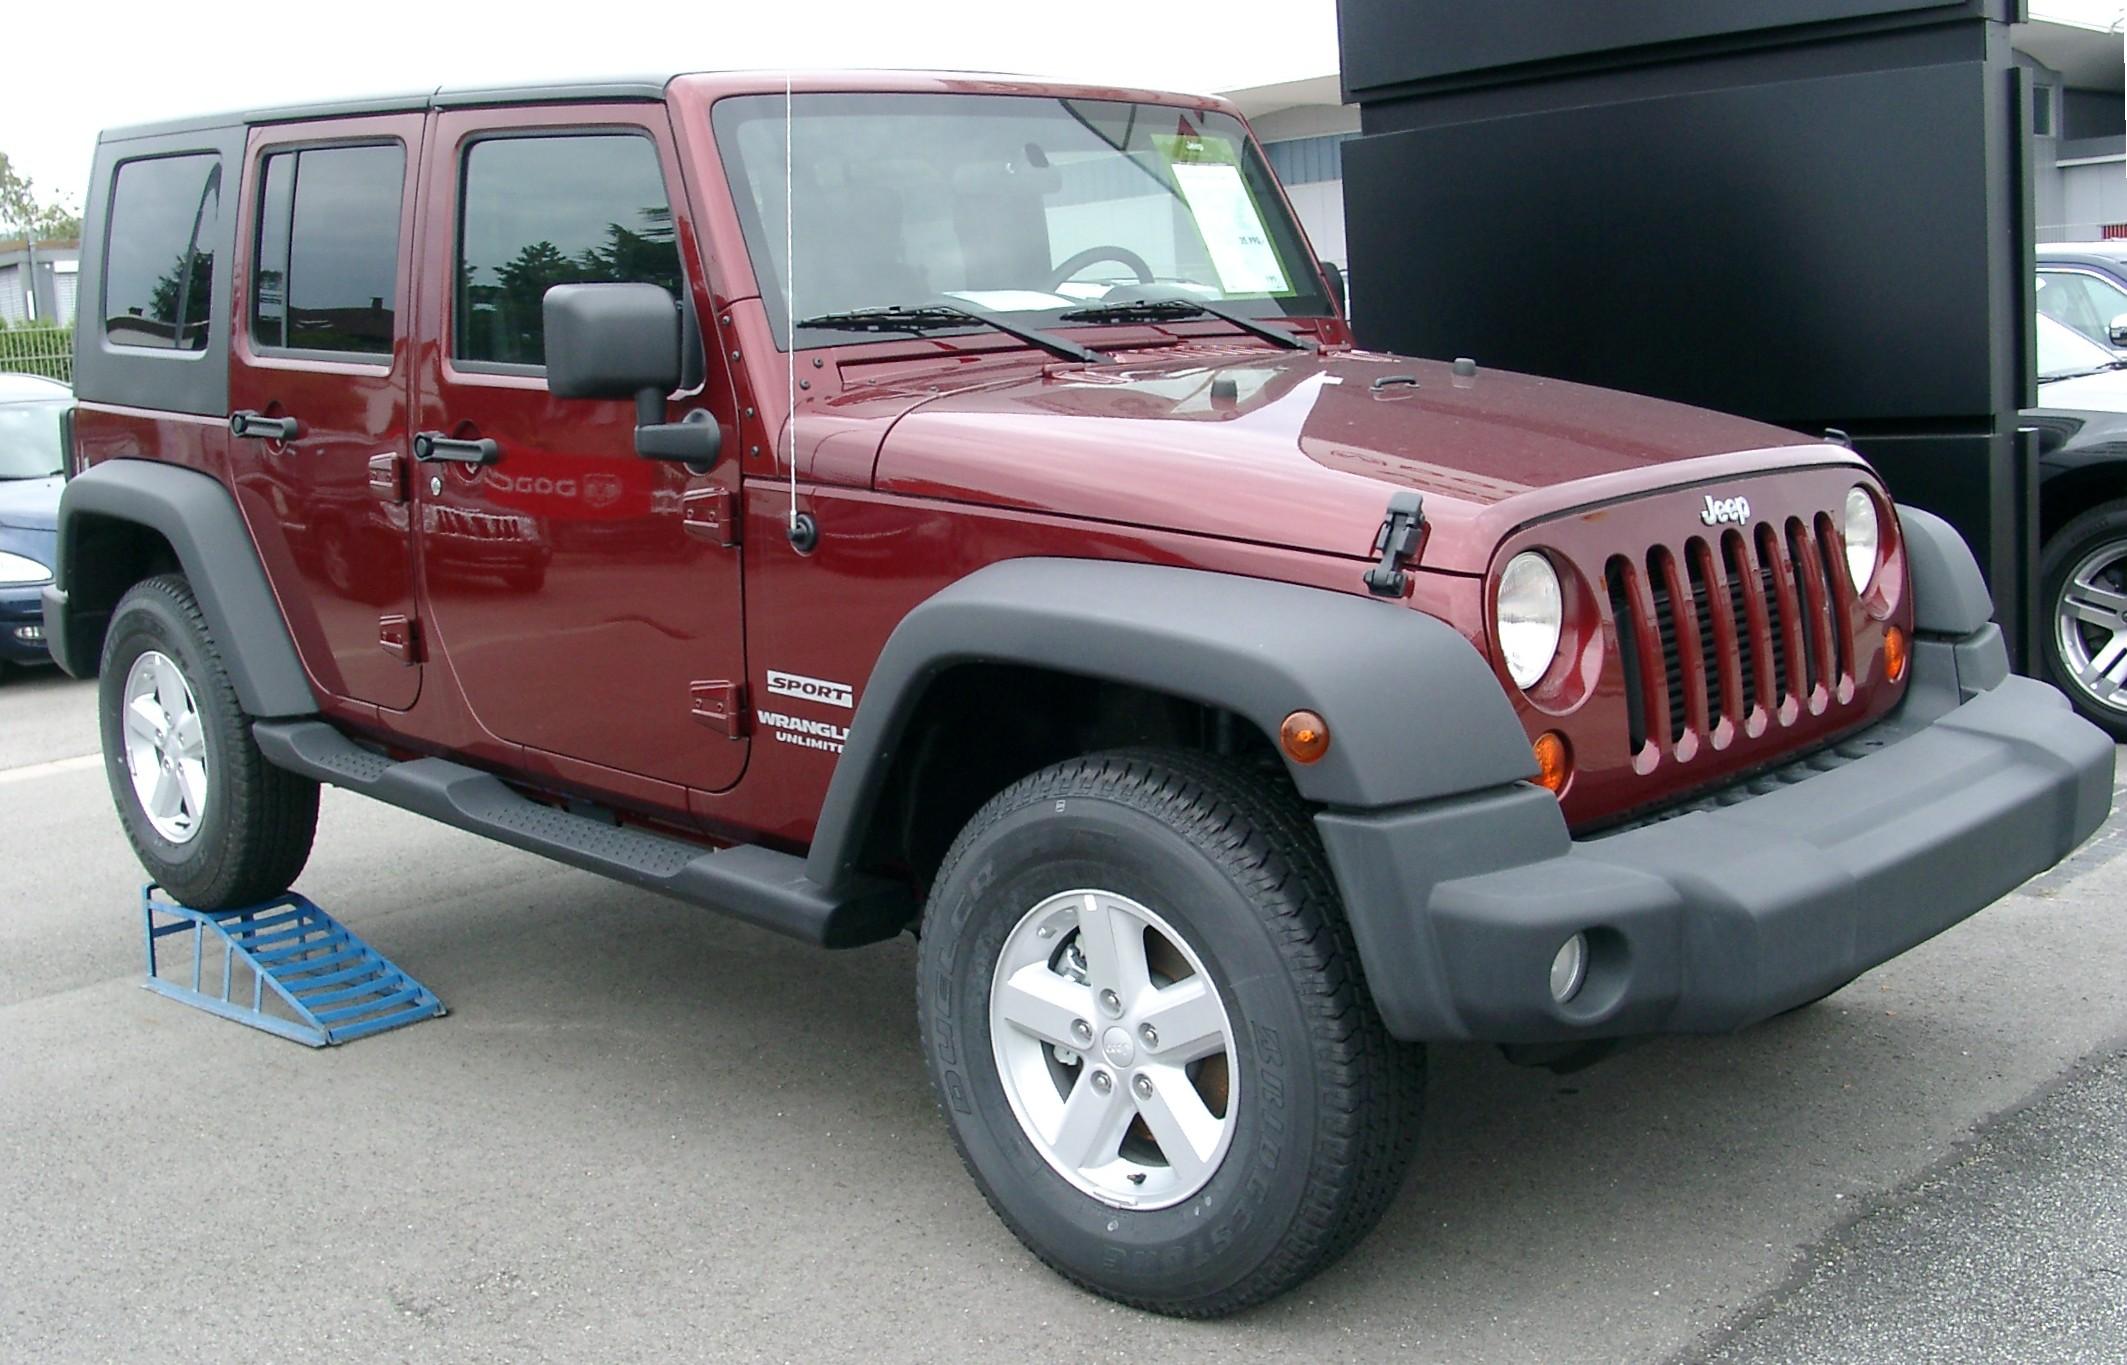 2019 Jeep Wrangler Pickup >> File:Jeep Wrangler front 20070902.jpg - Wikipedia